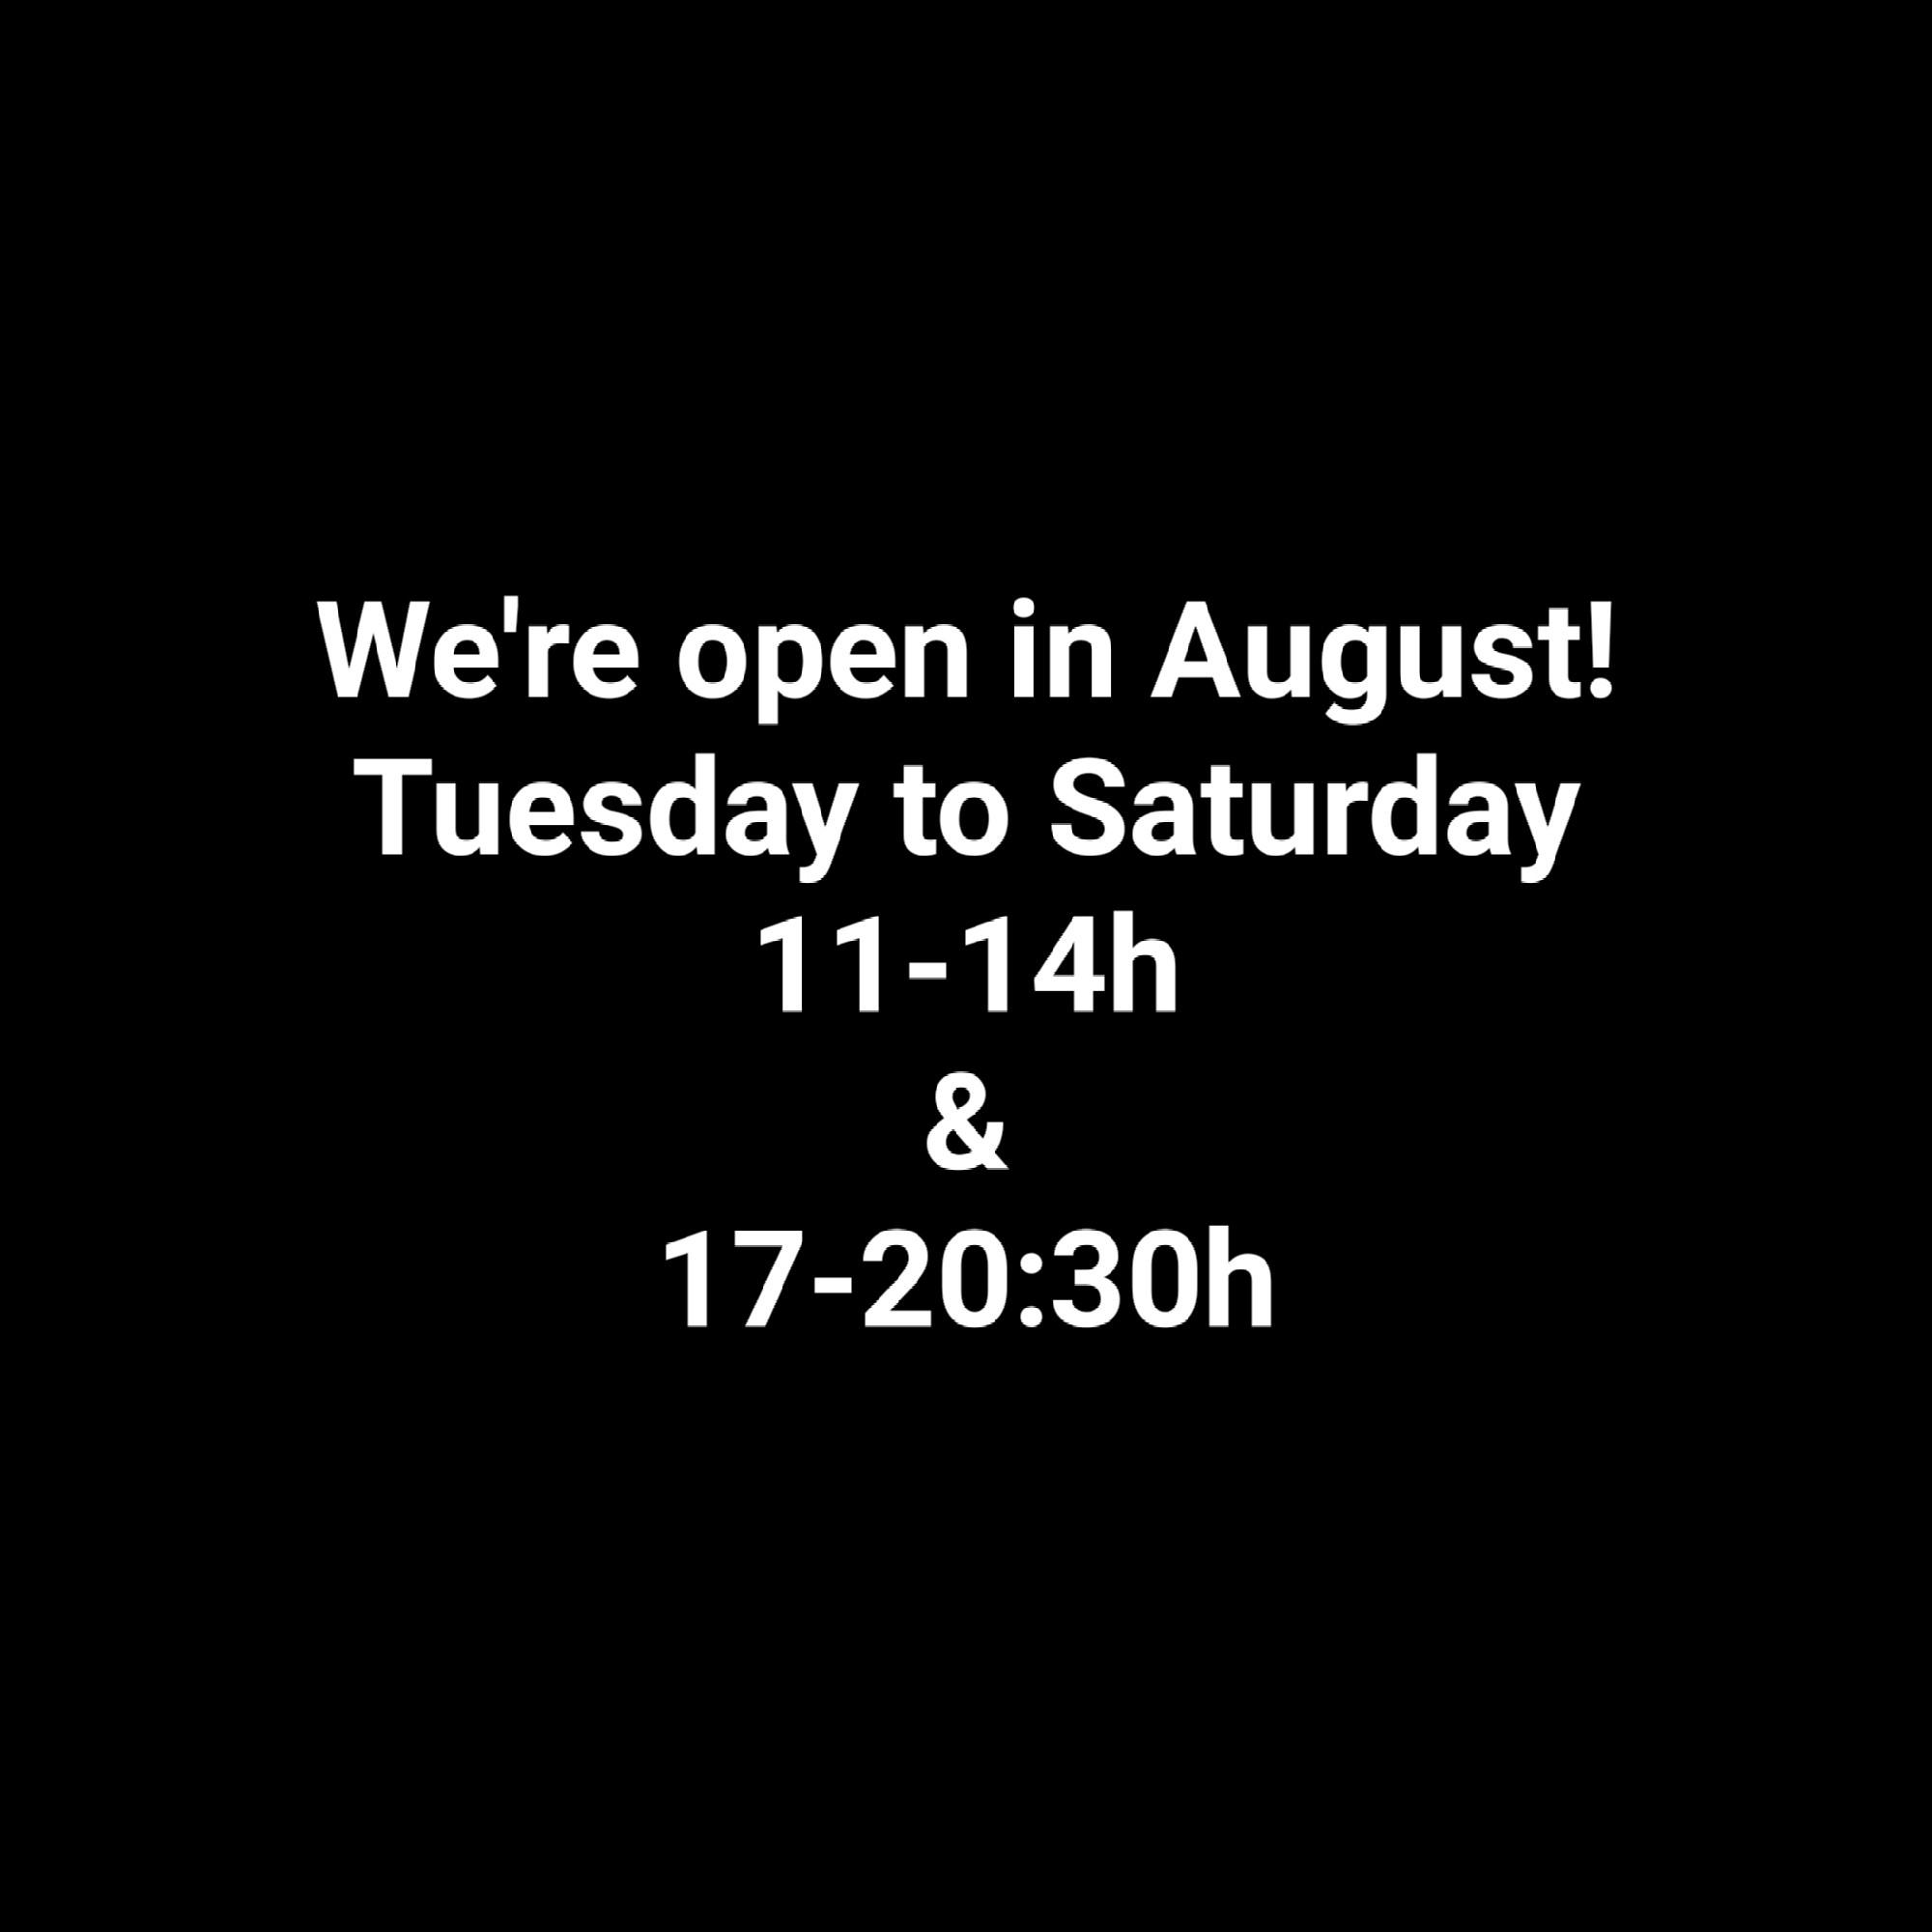 horaris agost